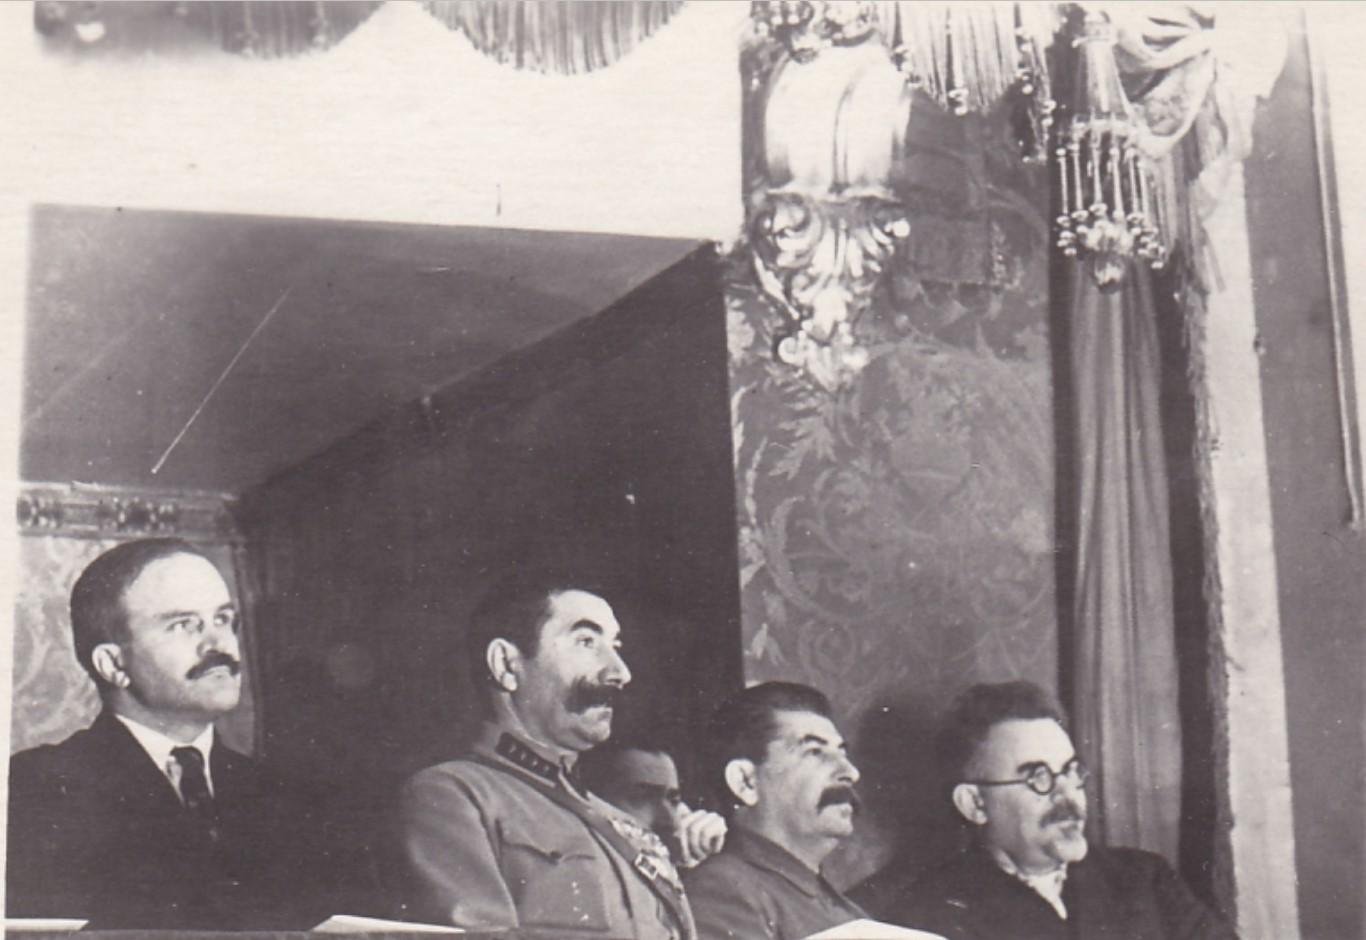 1935. Сталин, Будённый, Молотов на вечере худ.самодеятельности